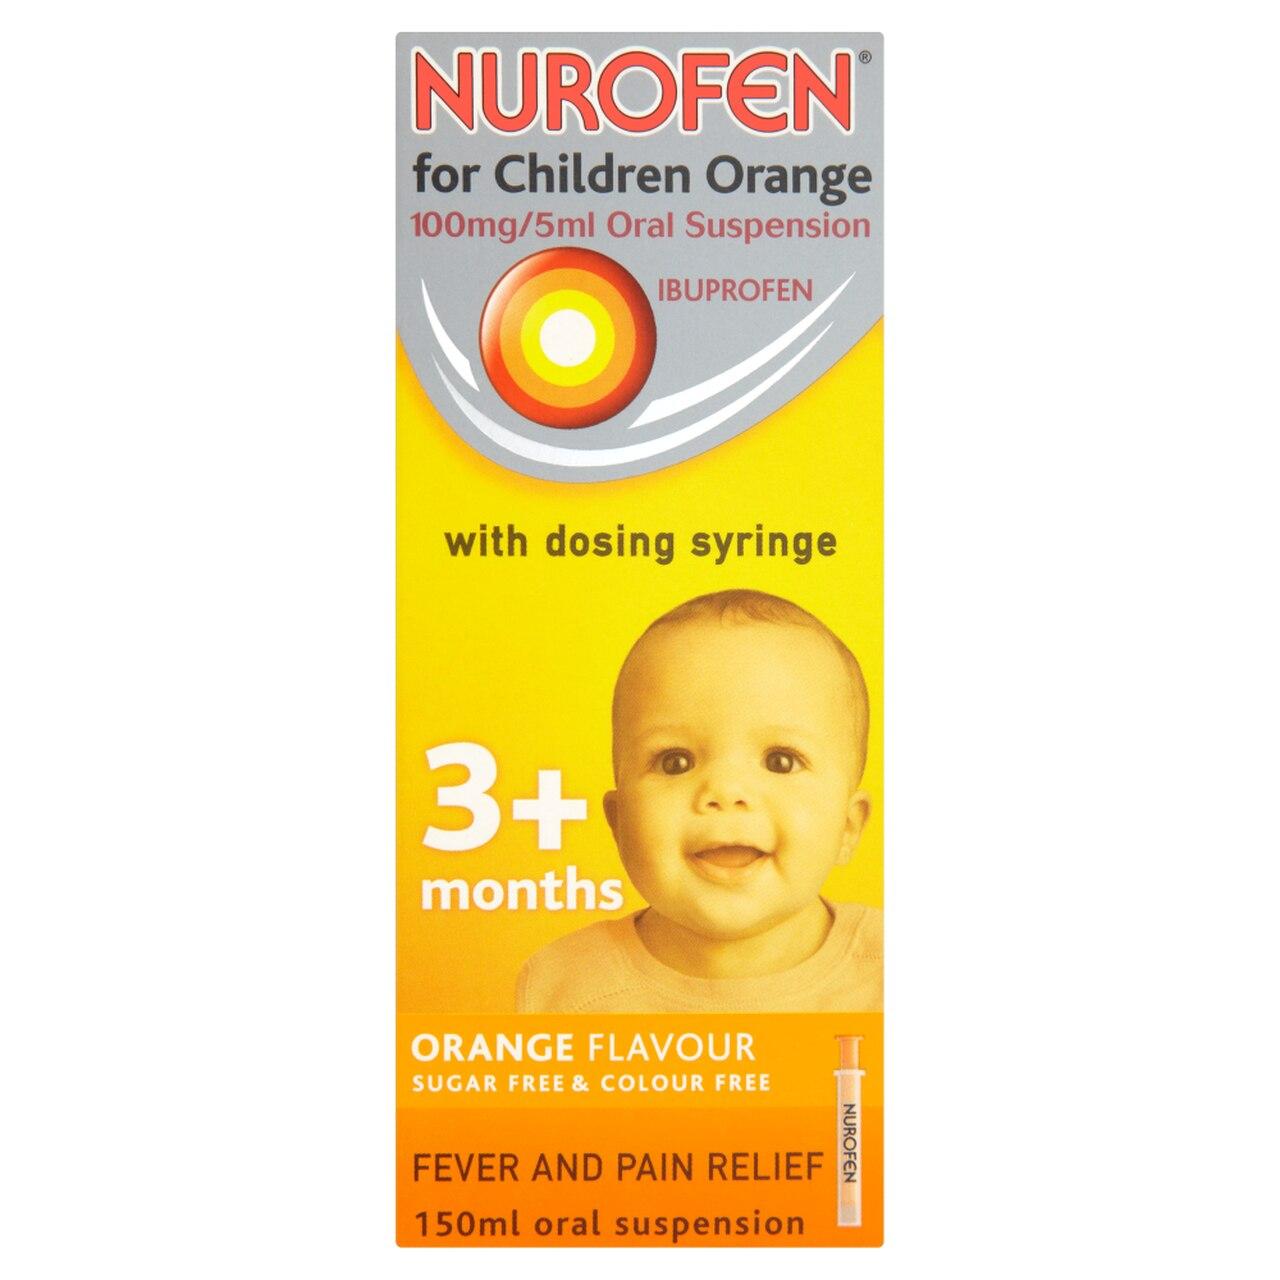 NUROFEN FOR CHILDREN 100MG 5ML ORANGE 200ML